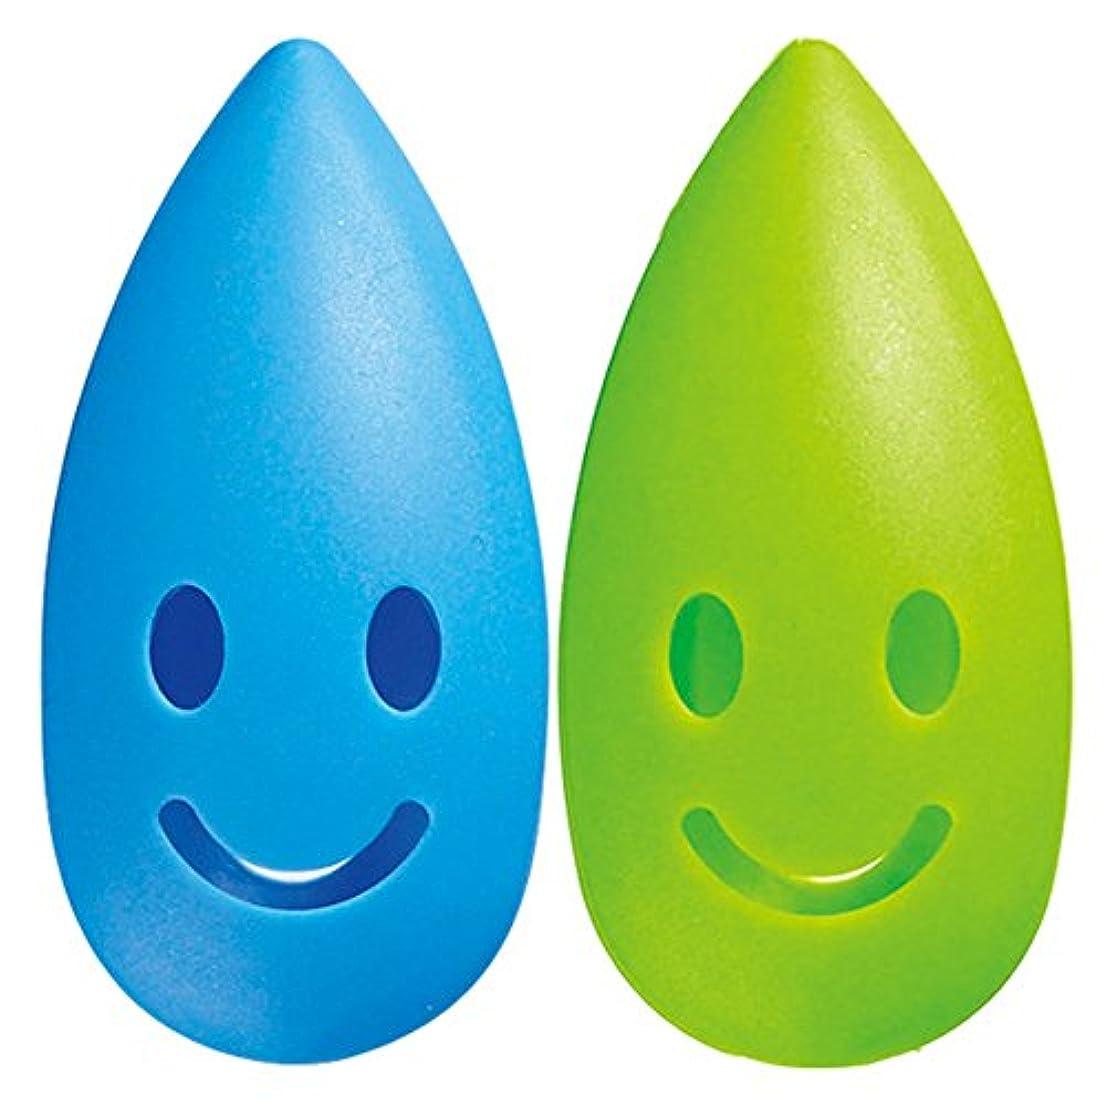 伝える顔料プログラムマーナ ハブラシキャップ 「カラースパイス」 ブルー×グリーン W433B